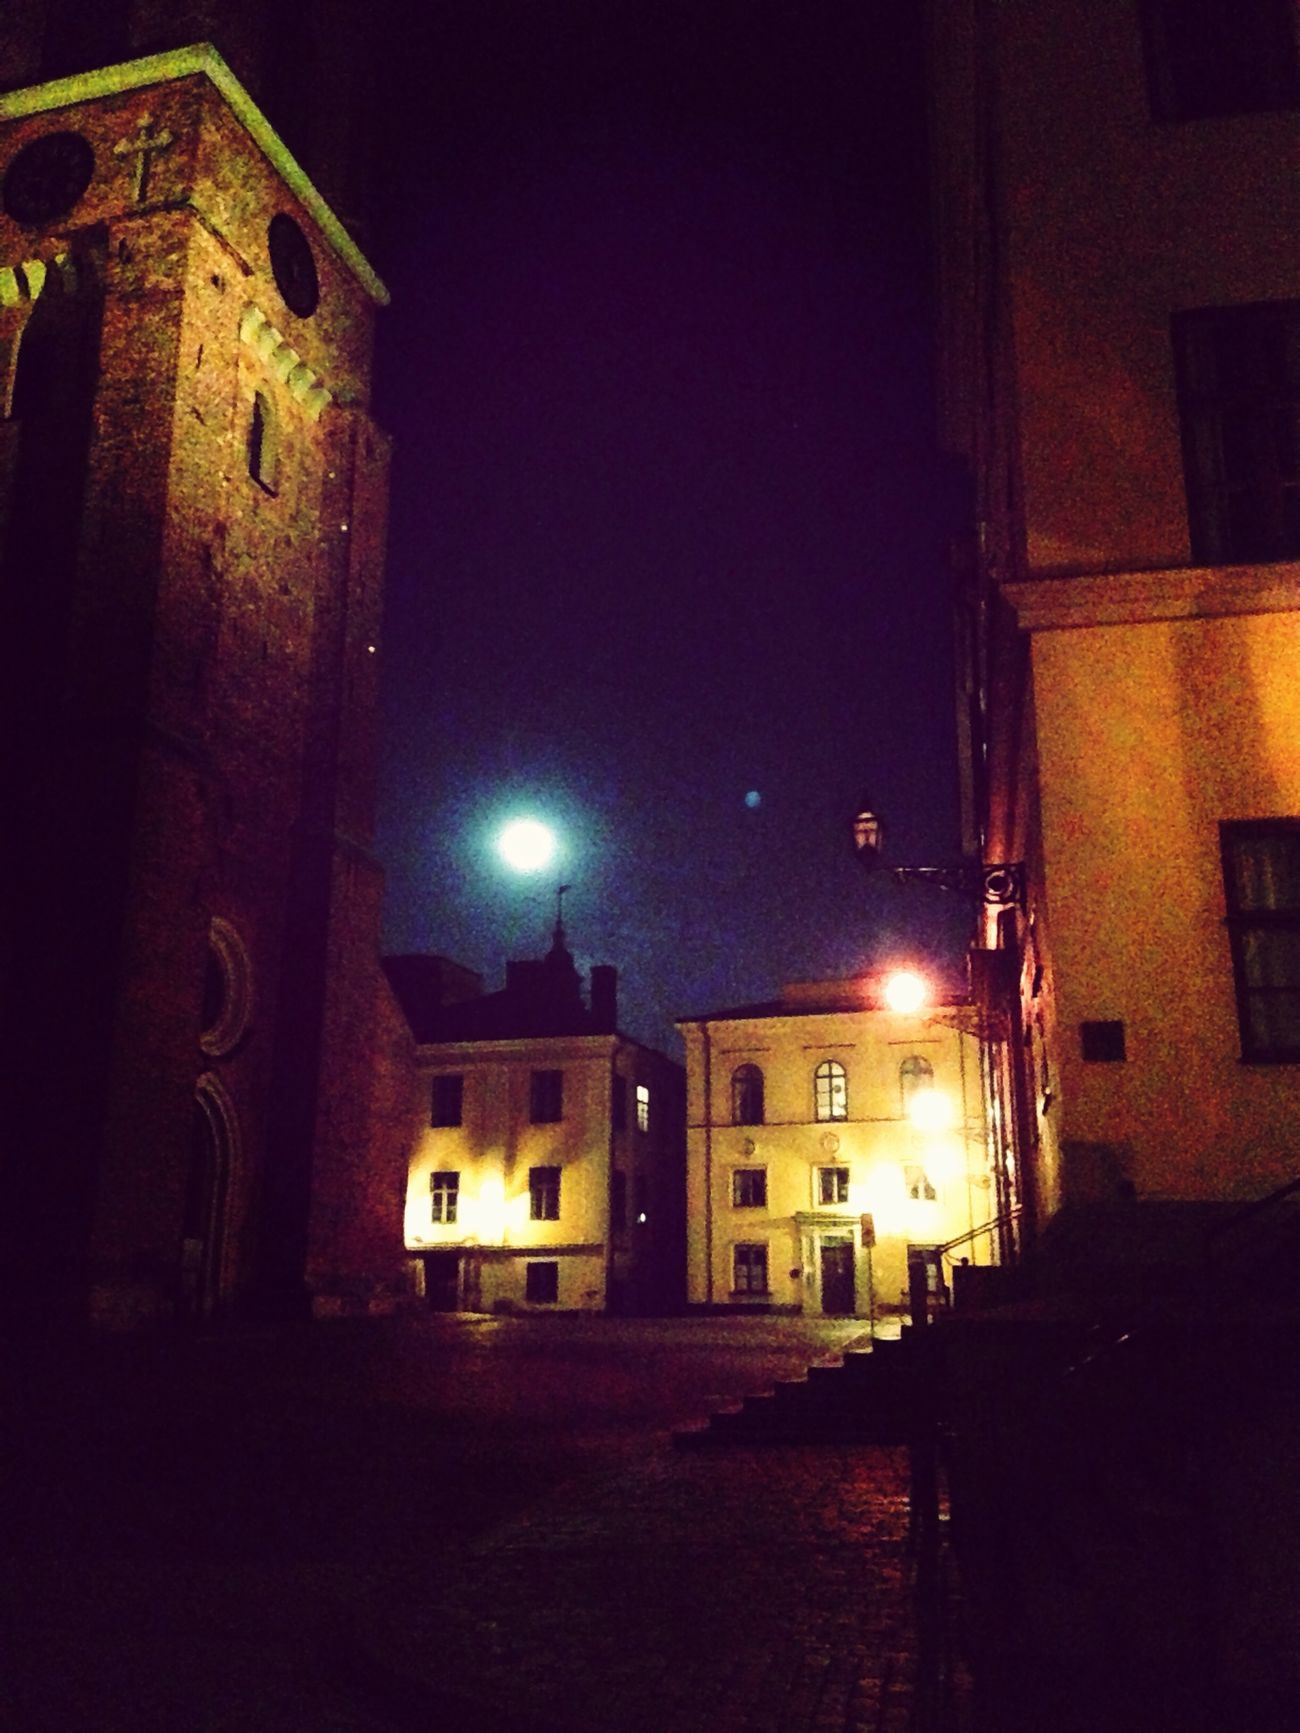 Riddarholmen Stockhom at Night